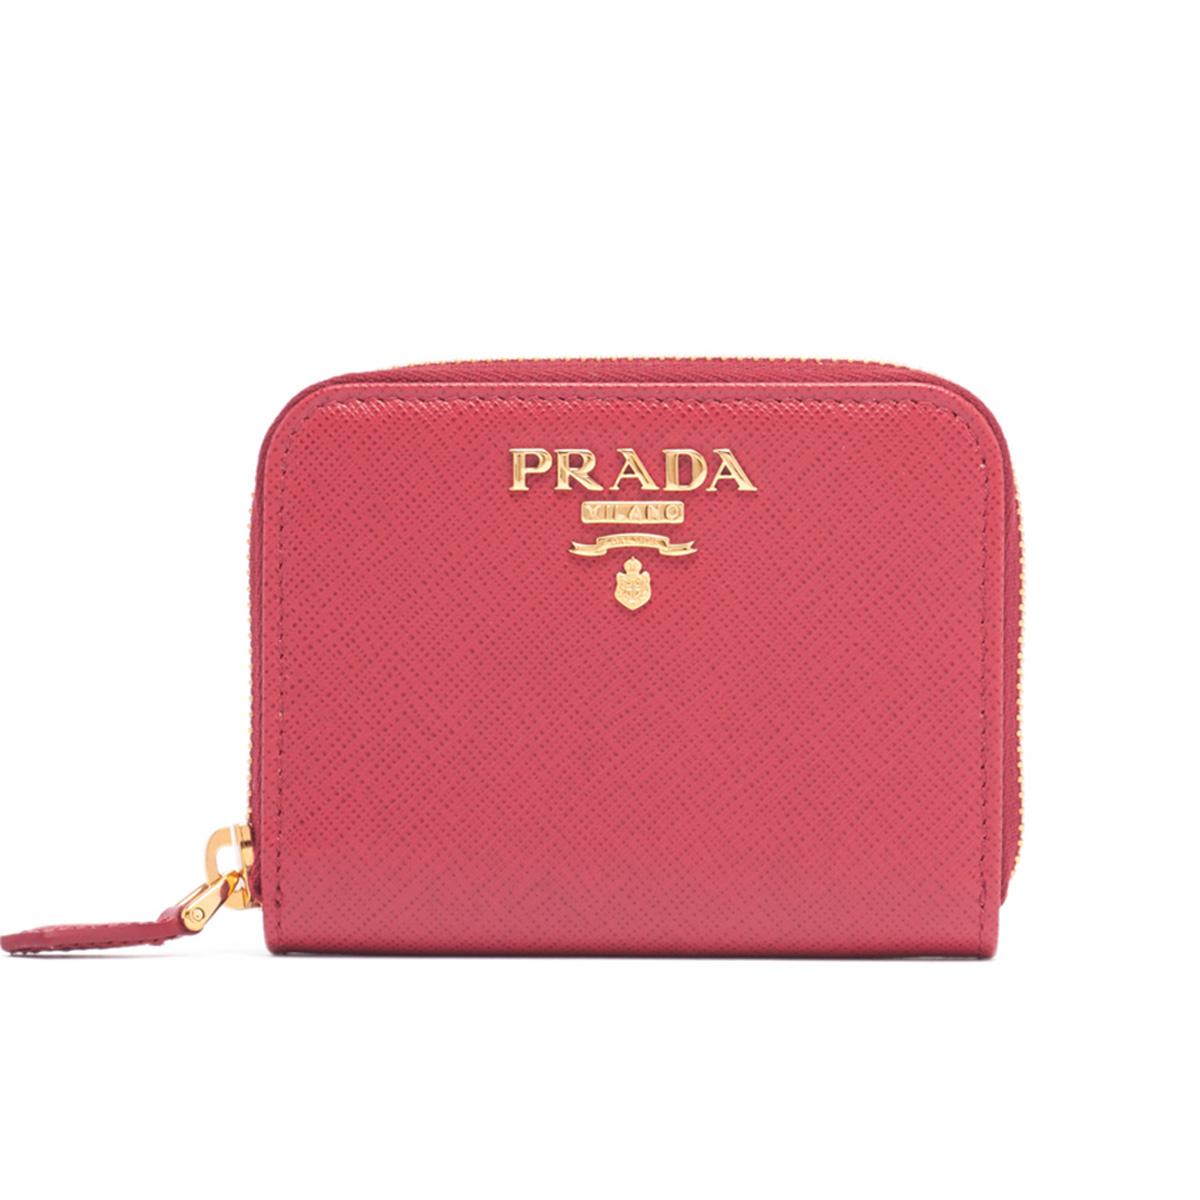 プラダ PRADA 財布 COIN CASE コインケース 1MM268QWA ラウンドファスナー 小銭入れ F0505 PEONIA ピンク系